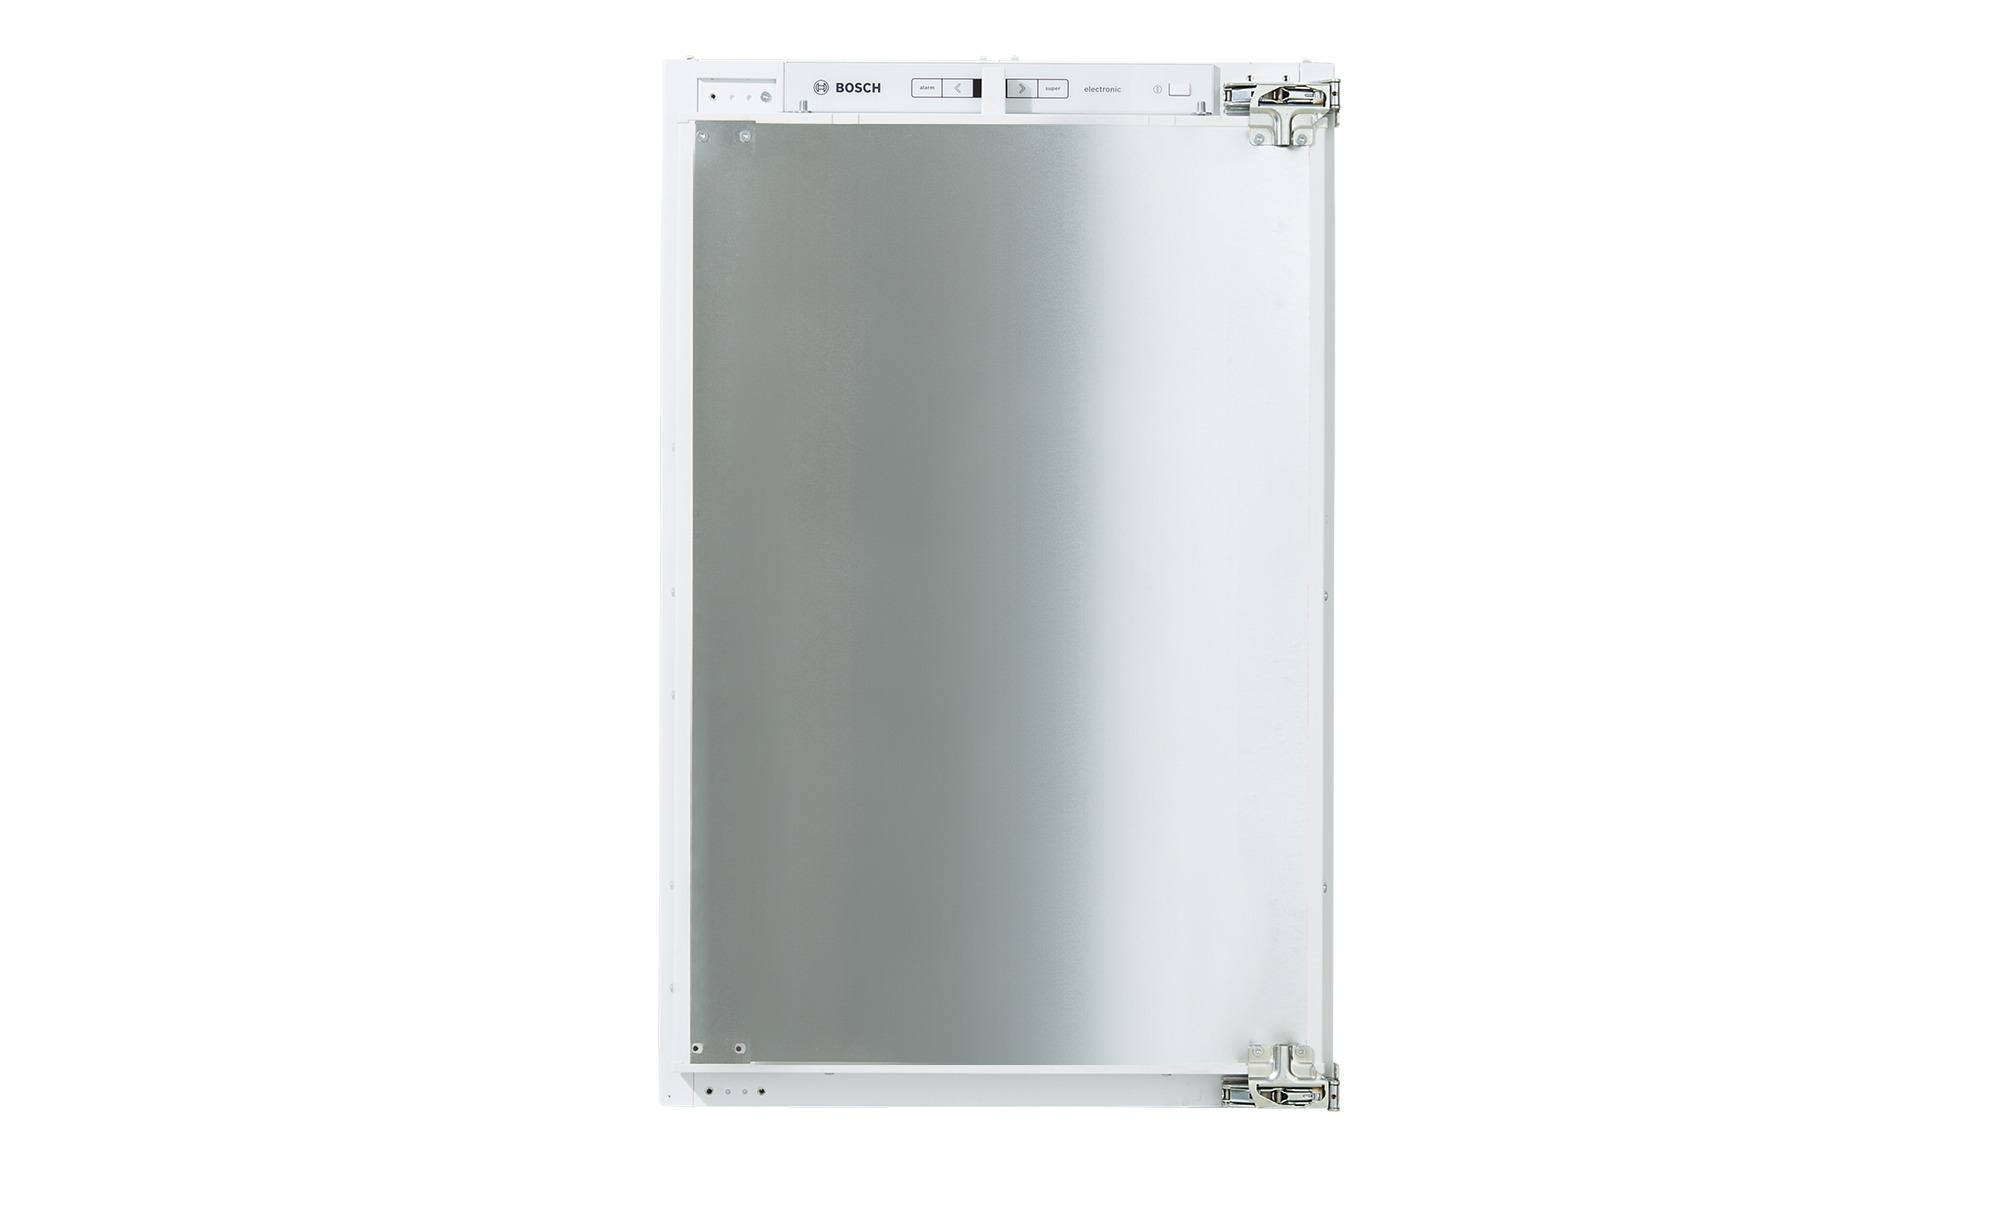 Bosch Kühlschrank Einstellung Super : Bosch einbau kühlschrank kir af möbel höffner